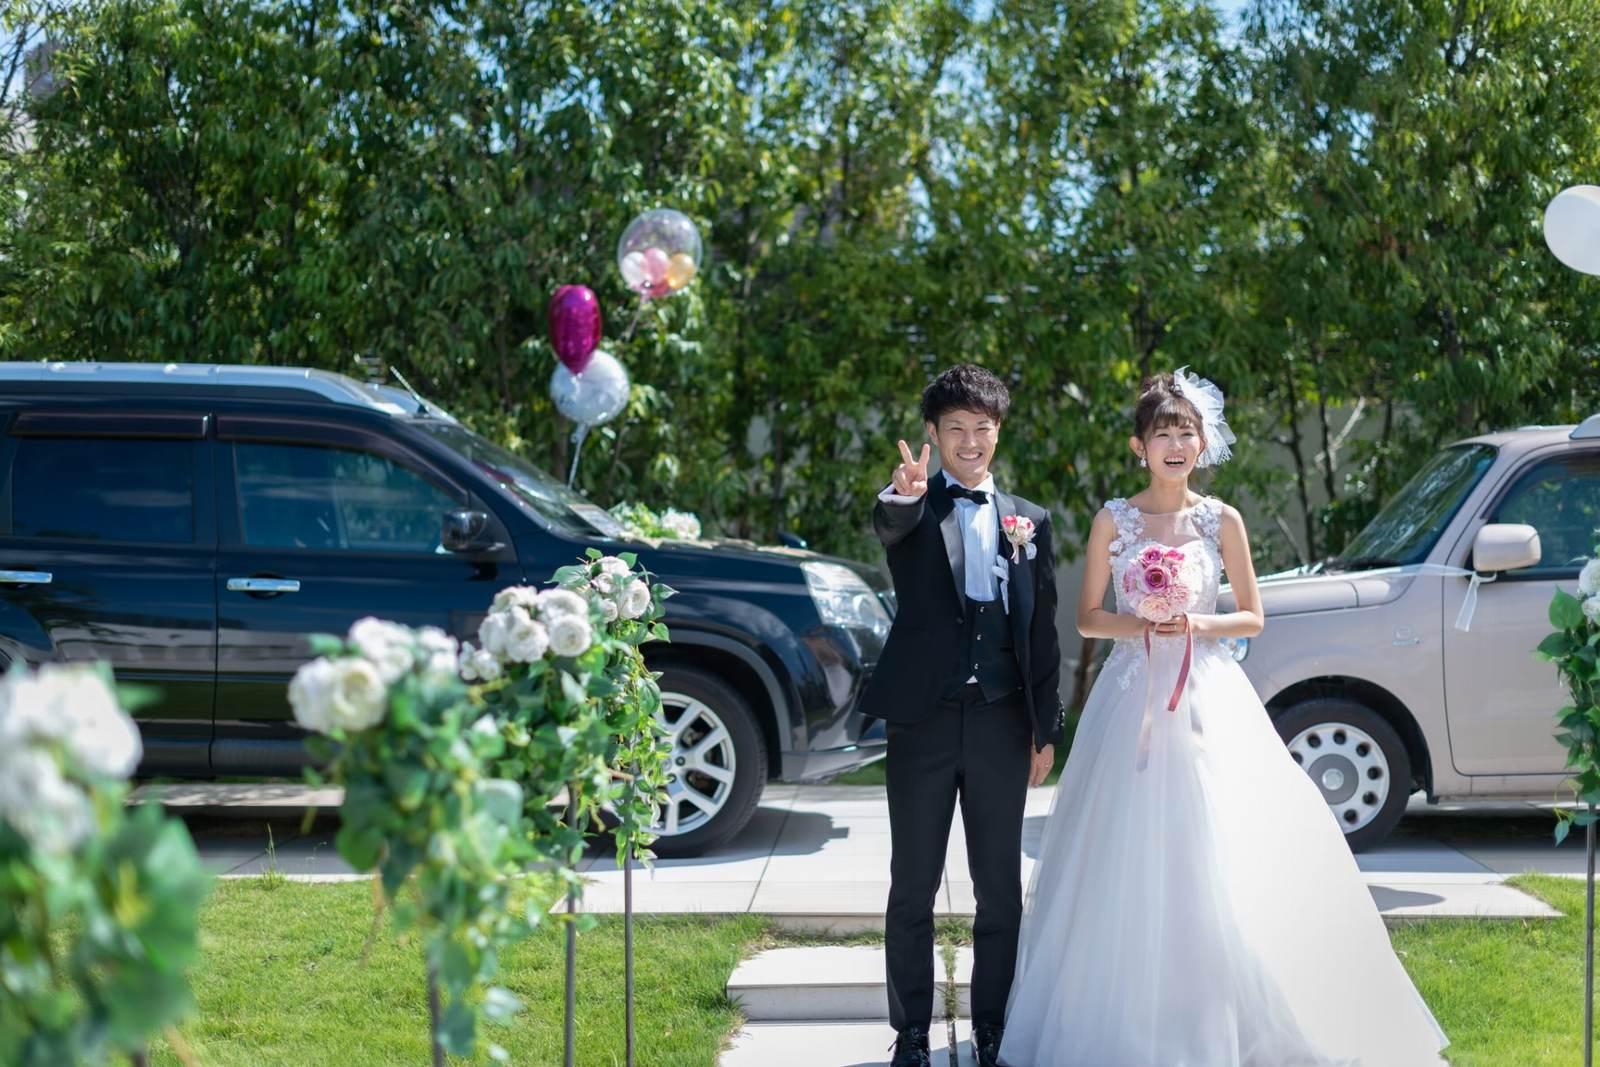 香川県の結婚式場のシェルエメール&アイスタイル ガーデン